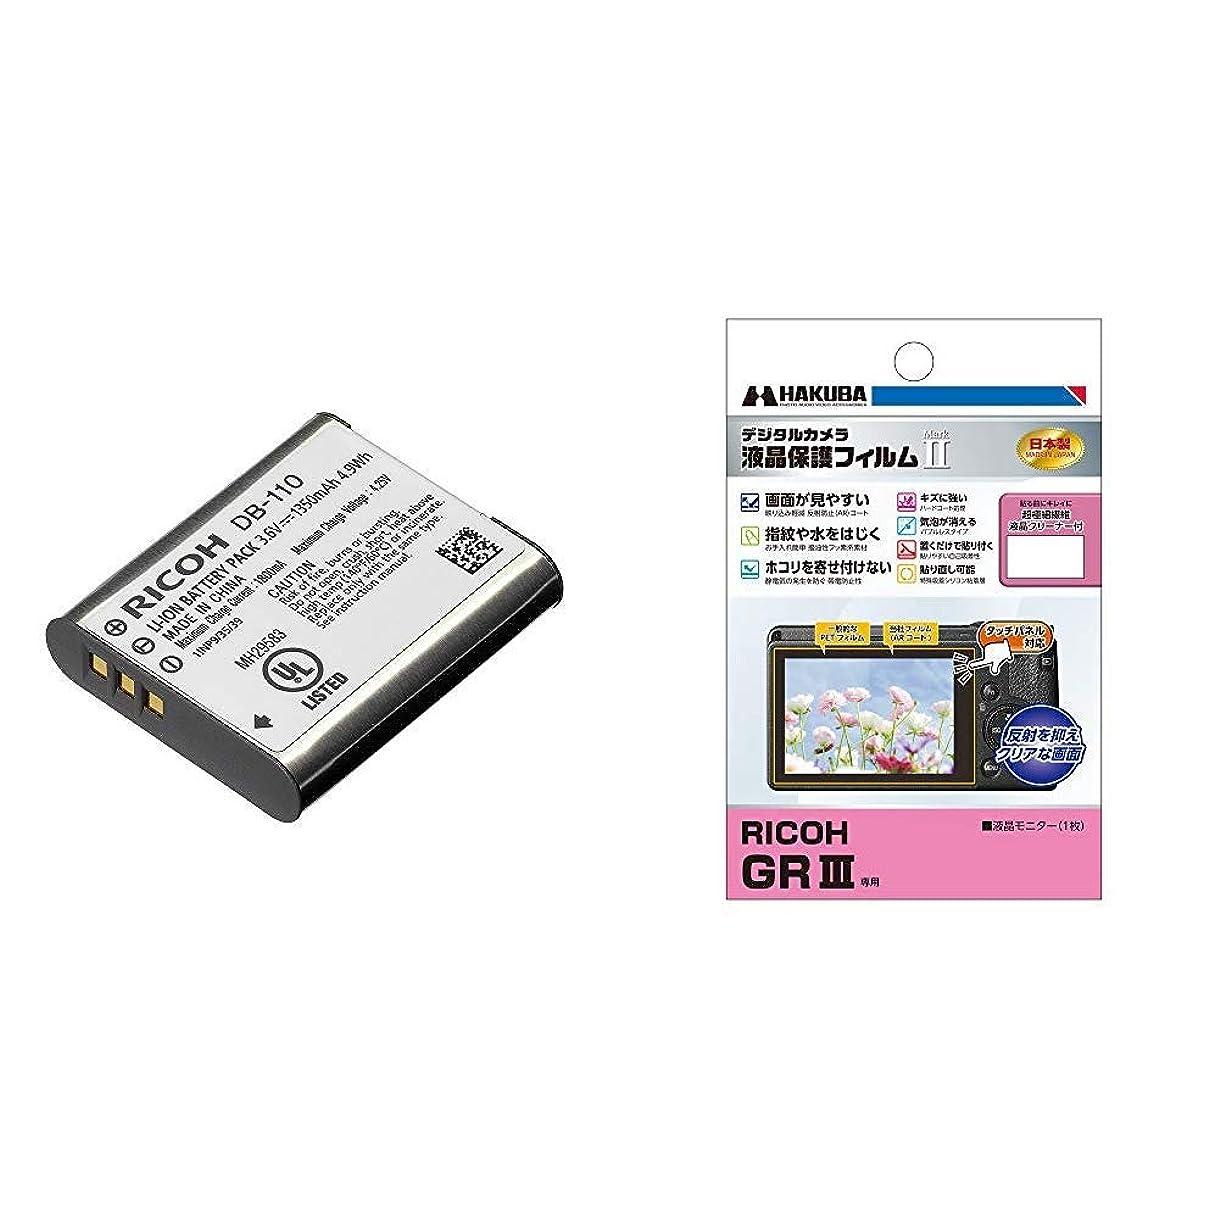 触手マエストロライターRICOH 充電式リチウムイオンバッテリー DB-110 リコー 37835 & HAKUBA デジタルカメラ液晶保護フィルムMarkII RICOH GR III 専用 DGF2-RGR3